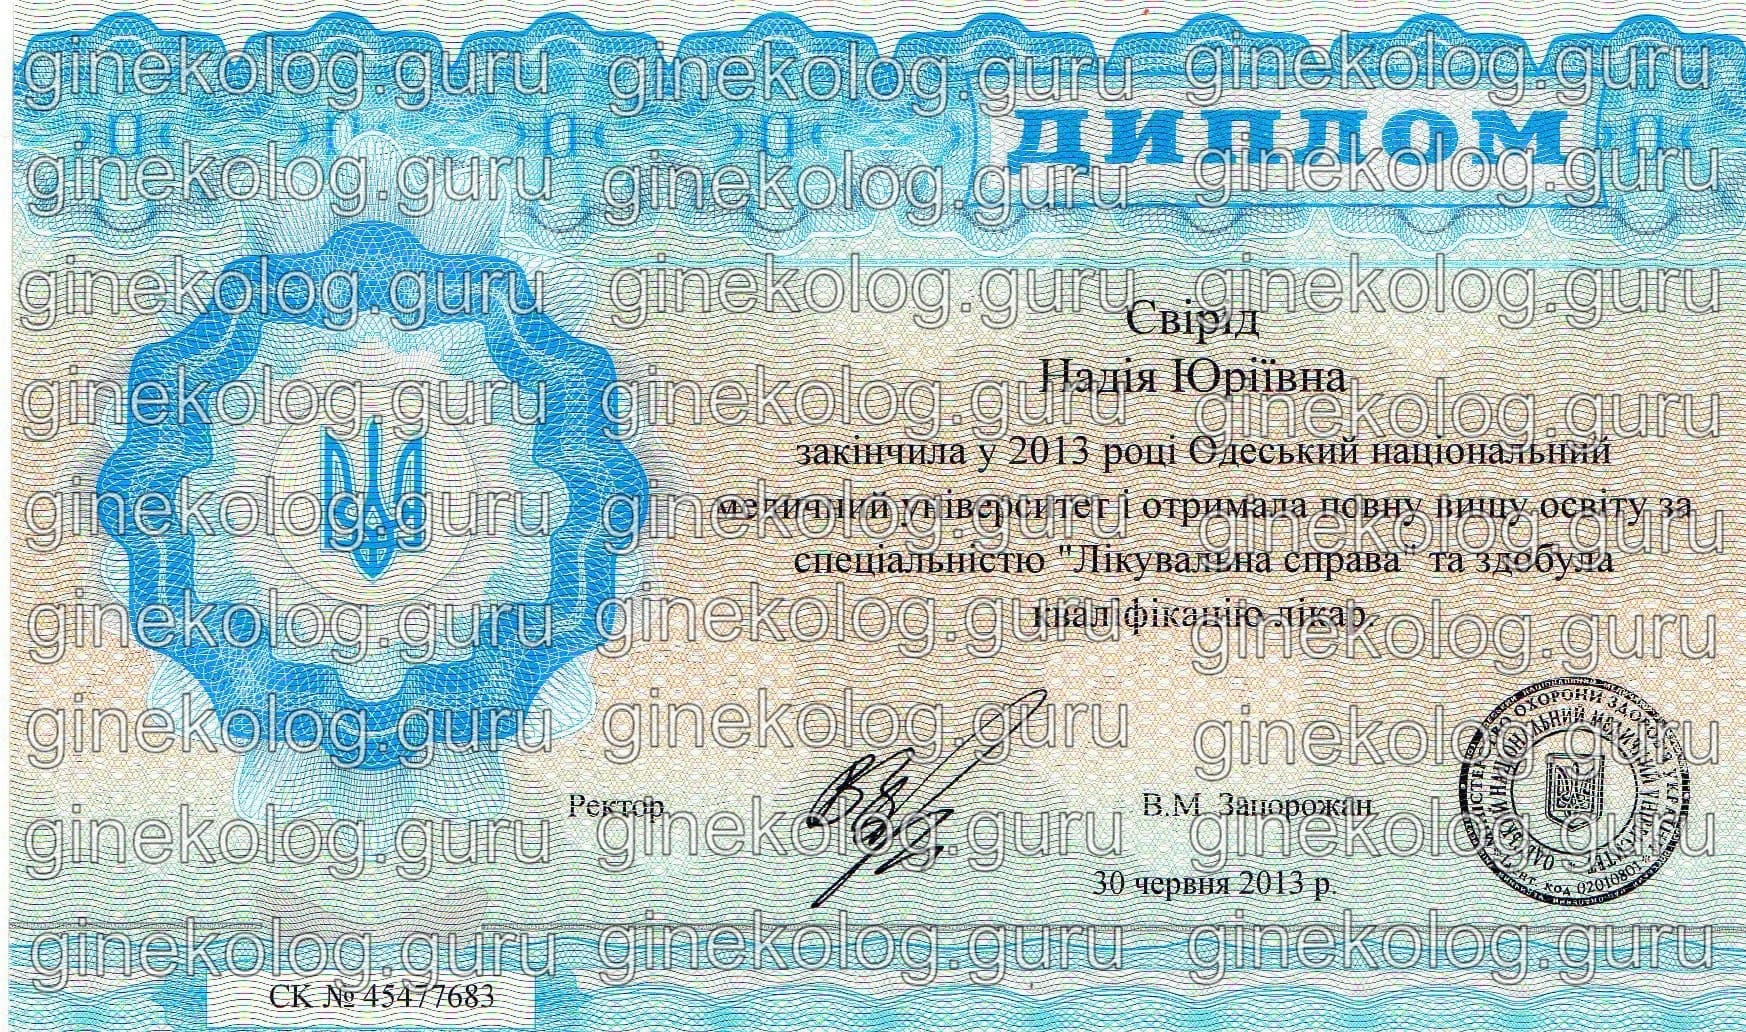 Свирид Надежда Юрьевна